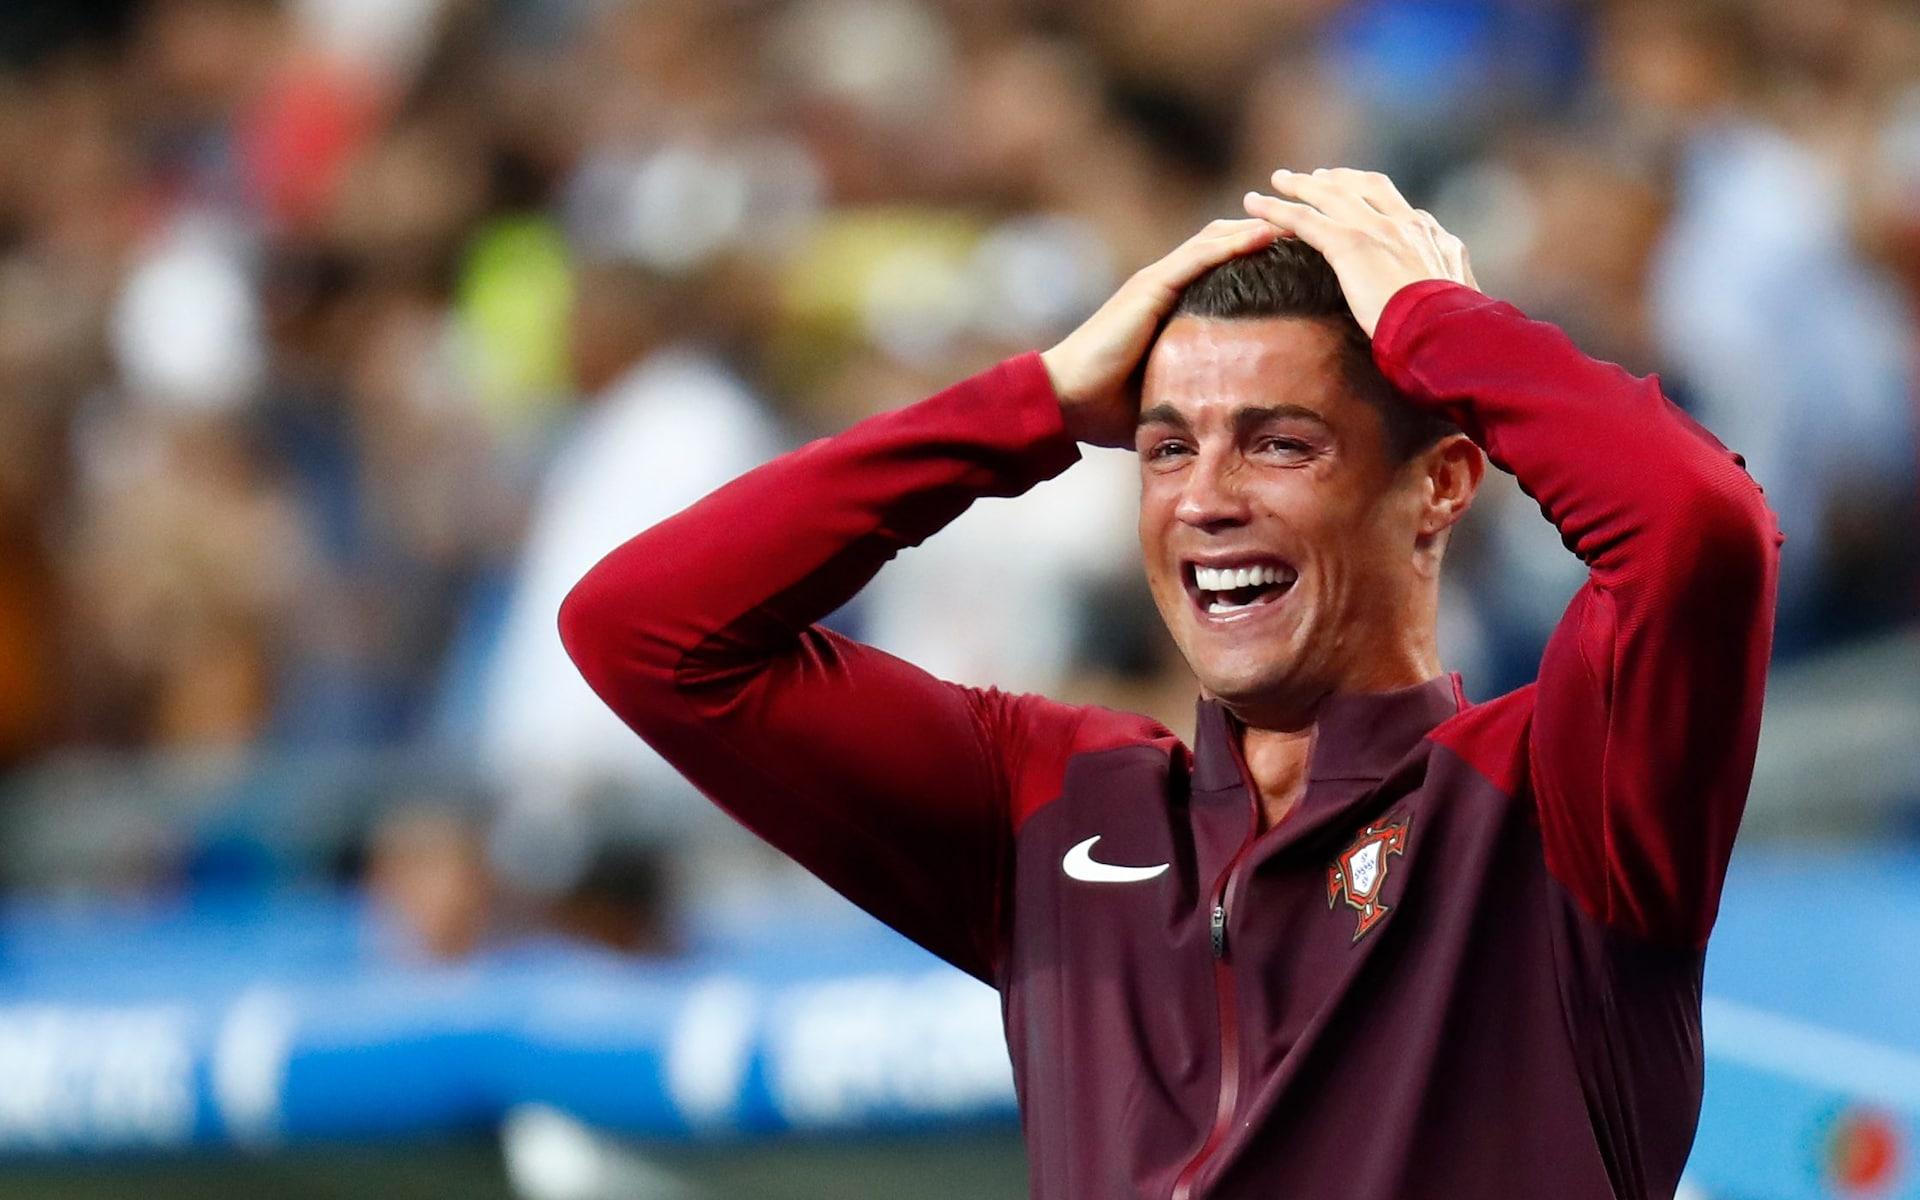 Ronaldo vỡ oà cảm xúc khi tan trận chung kết Euro 2016 với phần thắng và chức vô địch thuộc về Bồ Đào Nha. Ảnh: Reuters